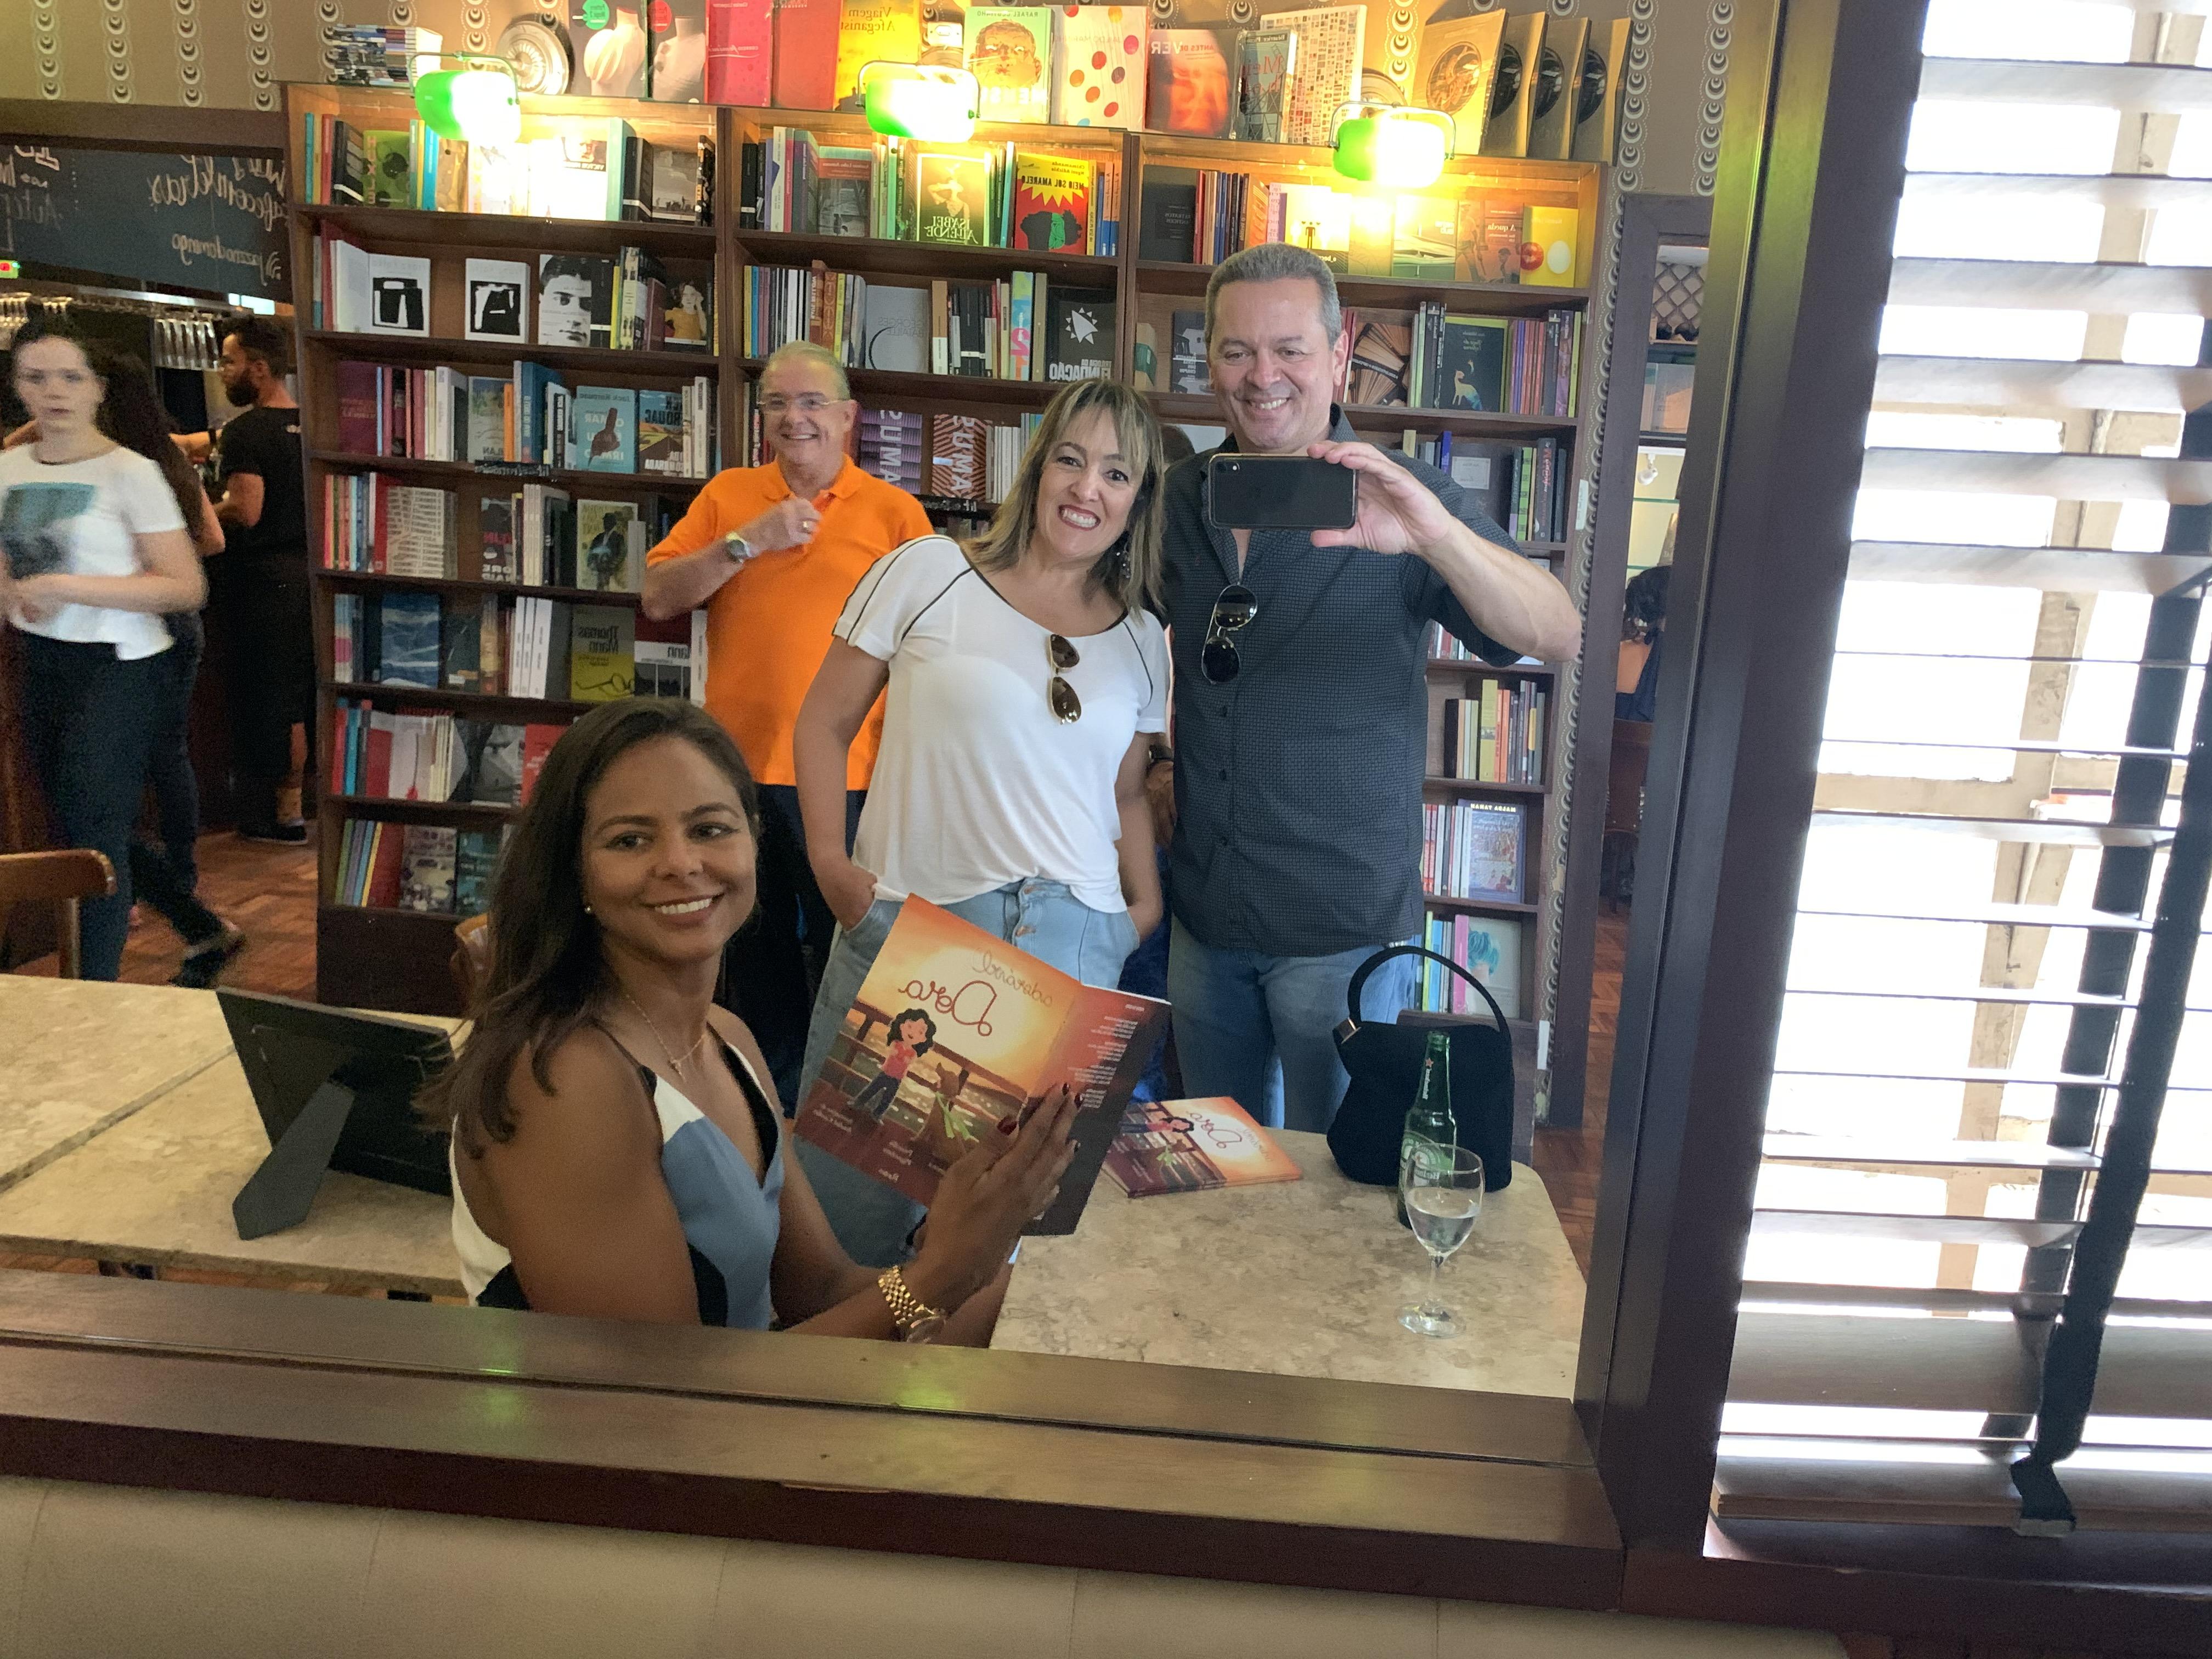 Lançamento do Livro em Belo Horizonte em 24-10-19 no Café Com Letras